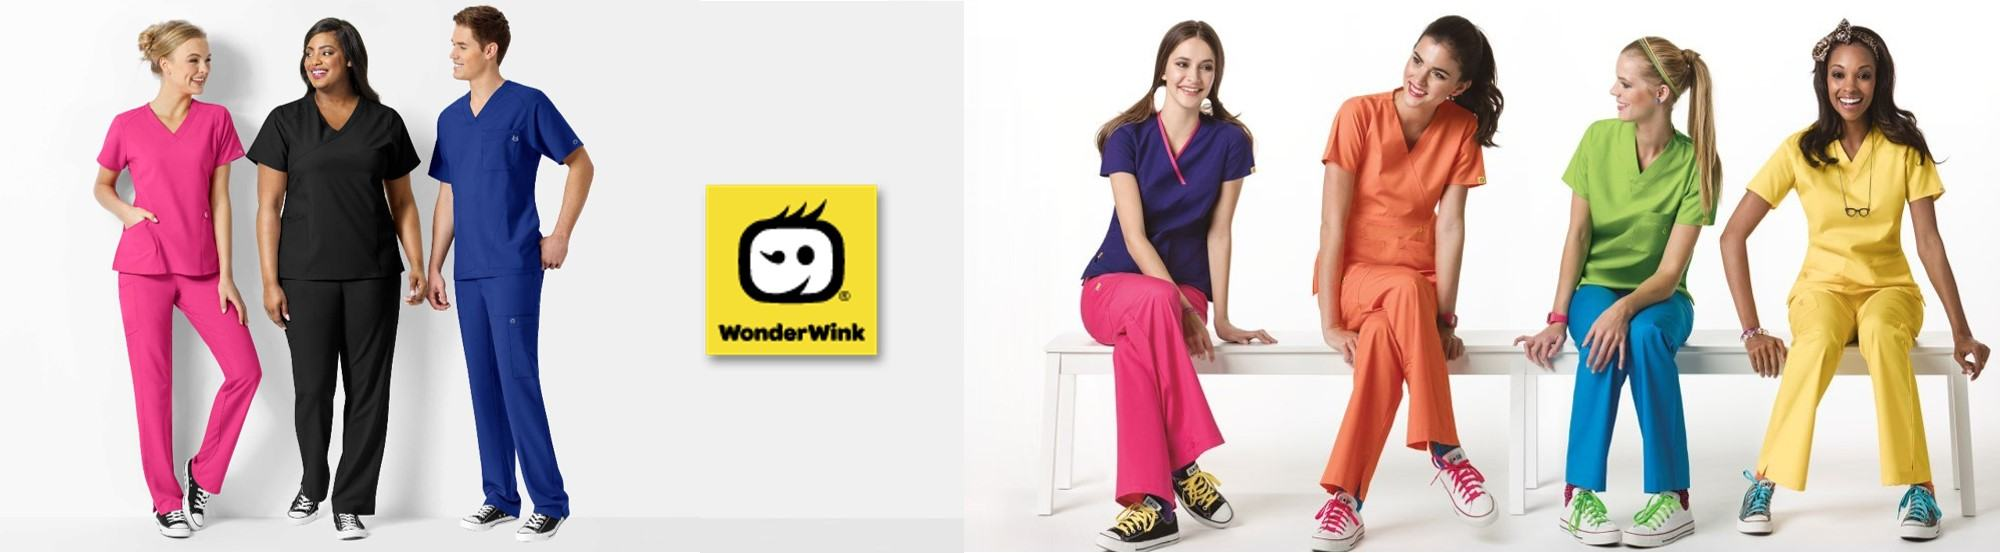 Wonder Wink